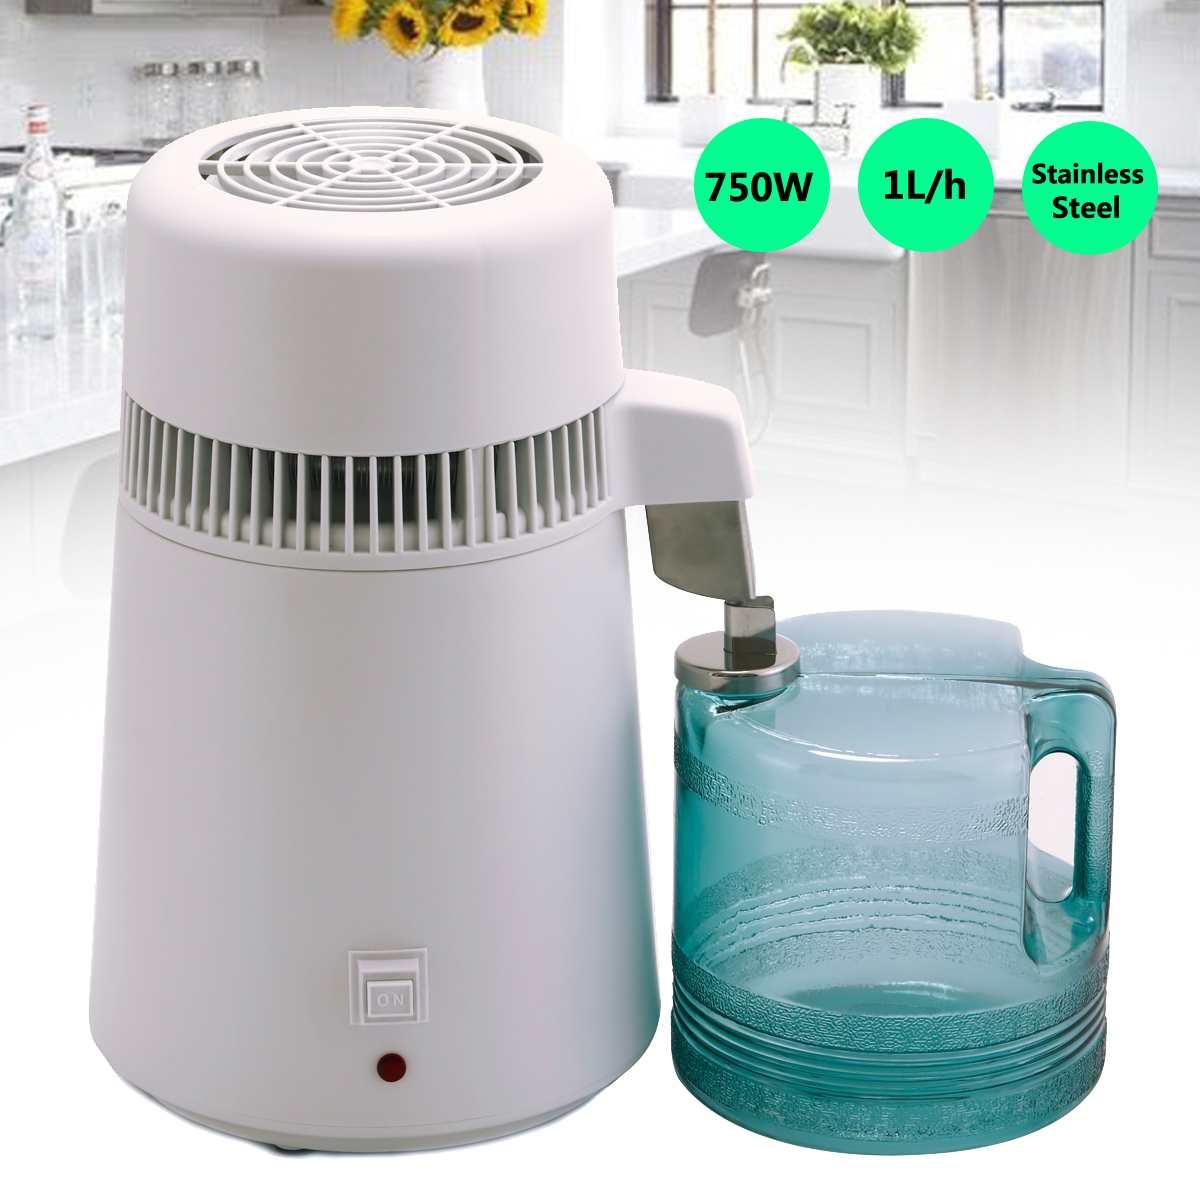 4L 220 240V Home Pure Water Distiller Filter Water Distilled Machine Dental Distillation Purifier Equipment Stainless Steel